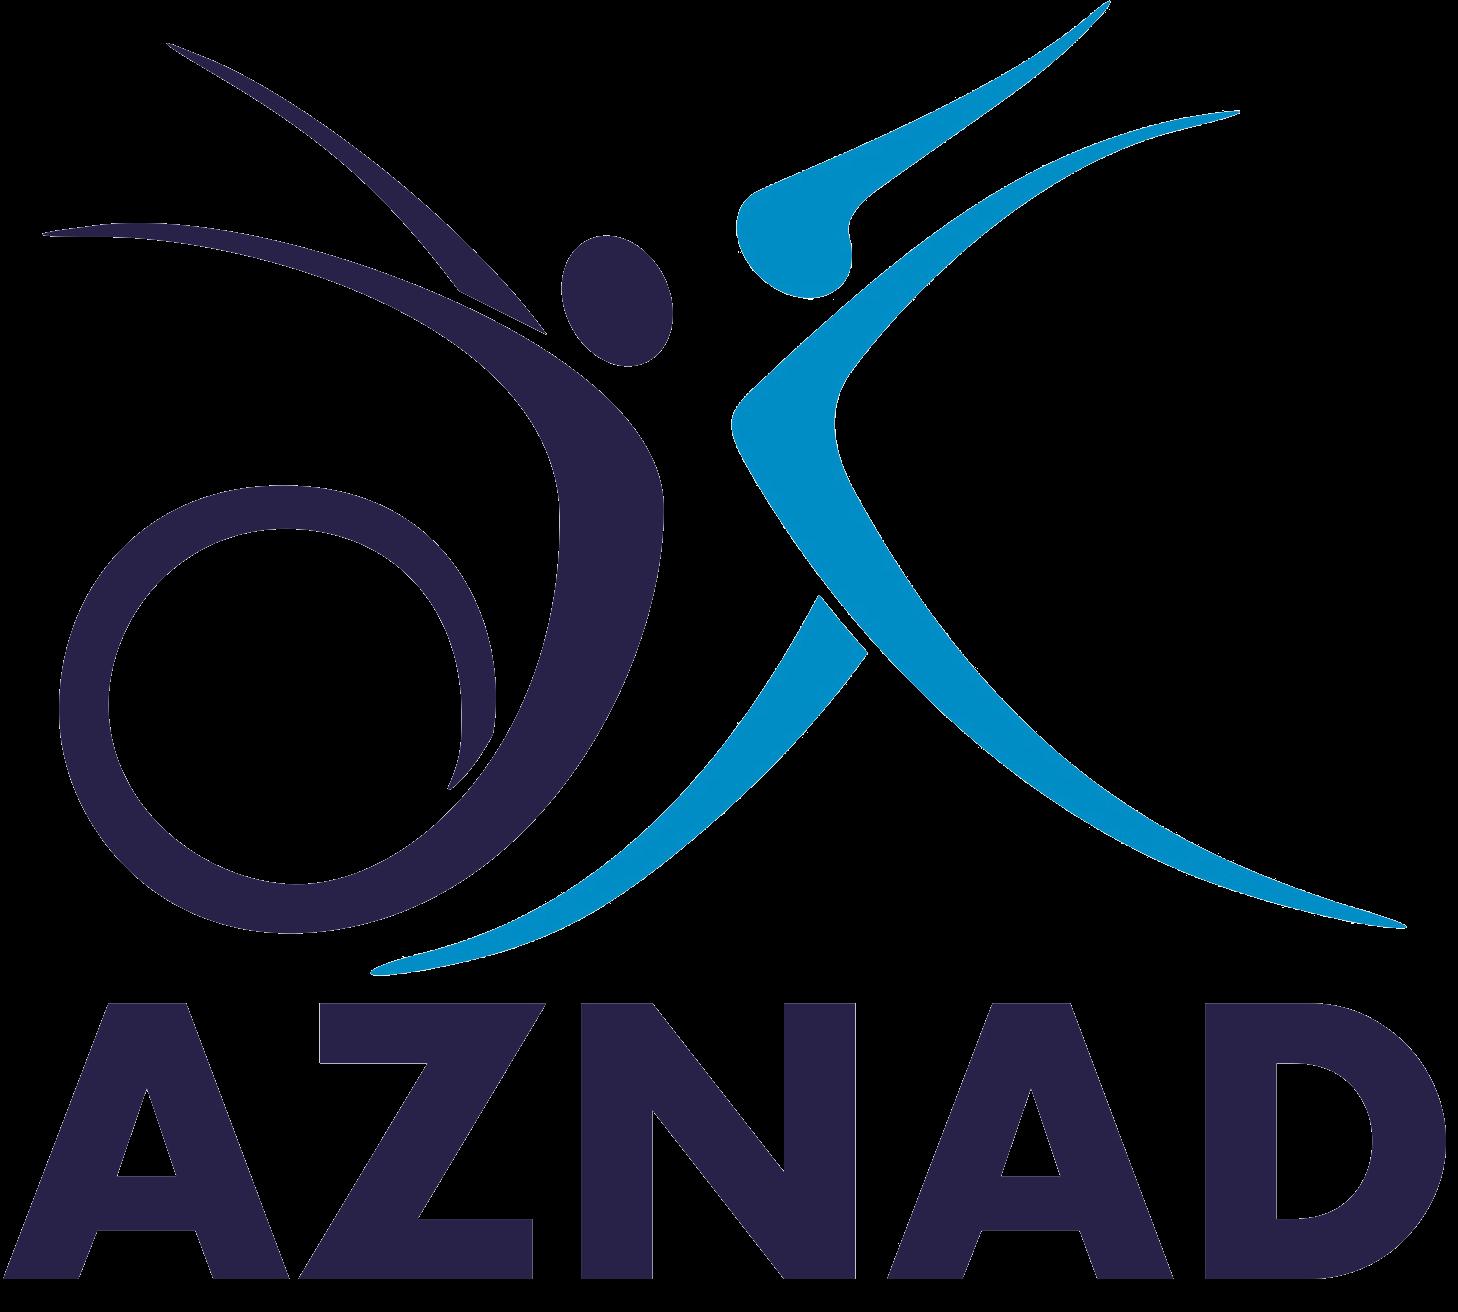 Fundación Aznad